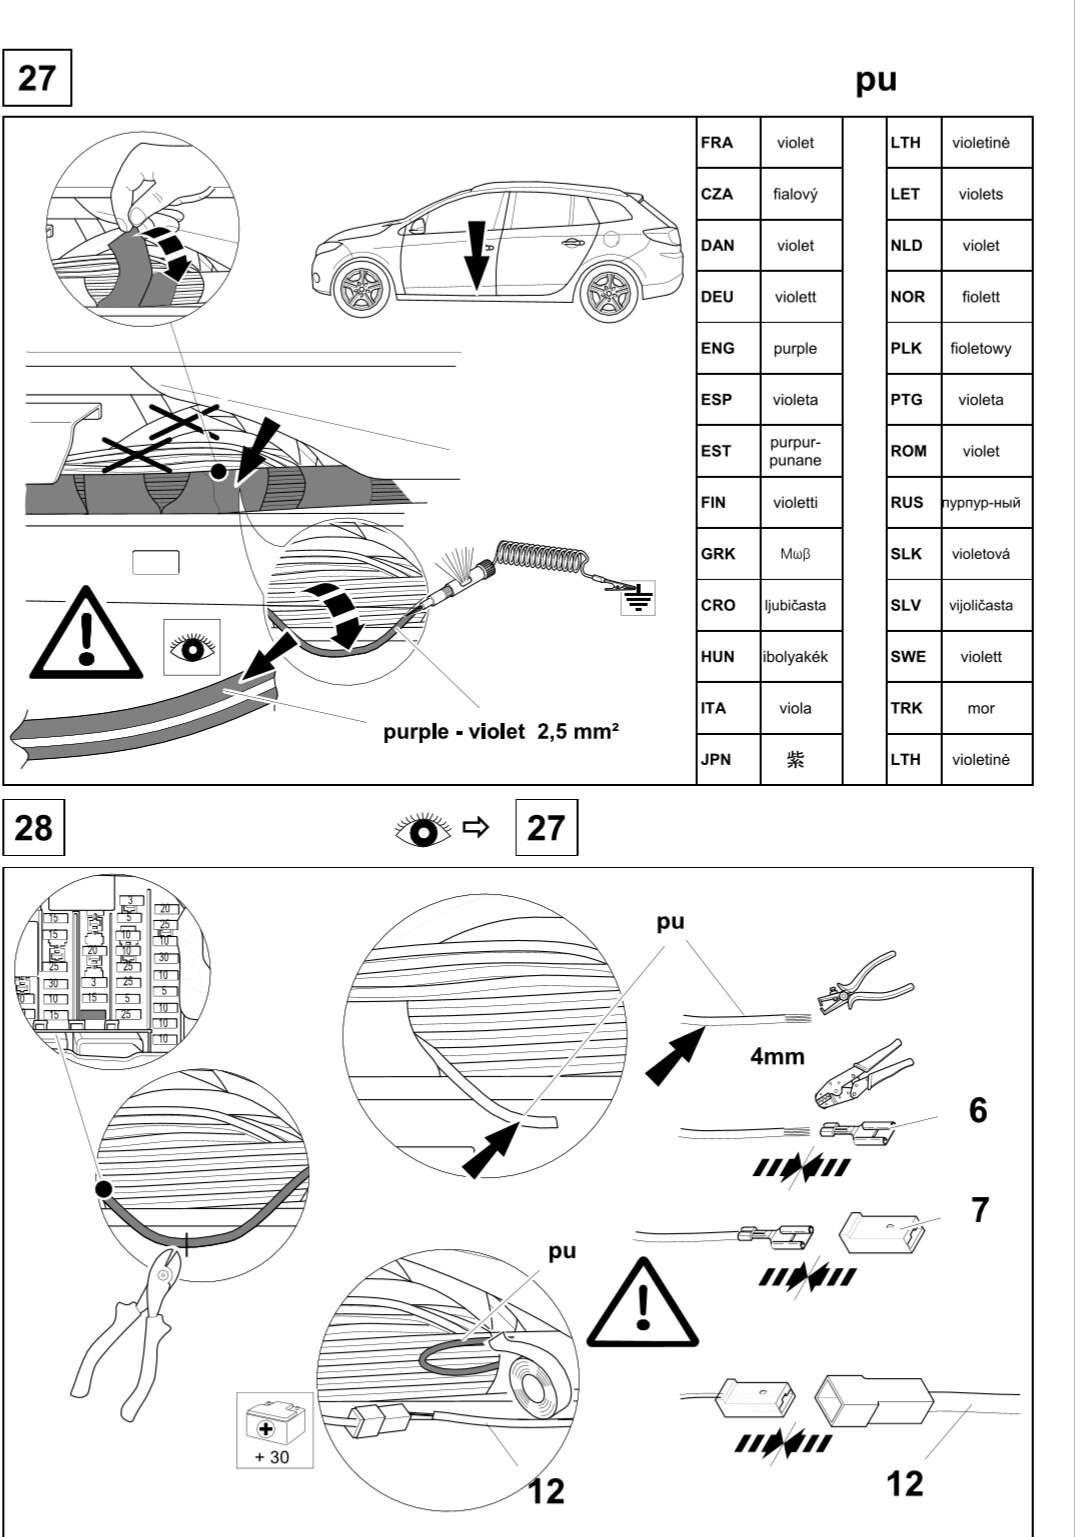 tuto montage attelage megane estate pour prise 7 fils page 18. Black Bedroom Furniture Sets. Home Design Ideas